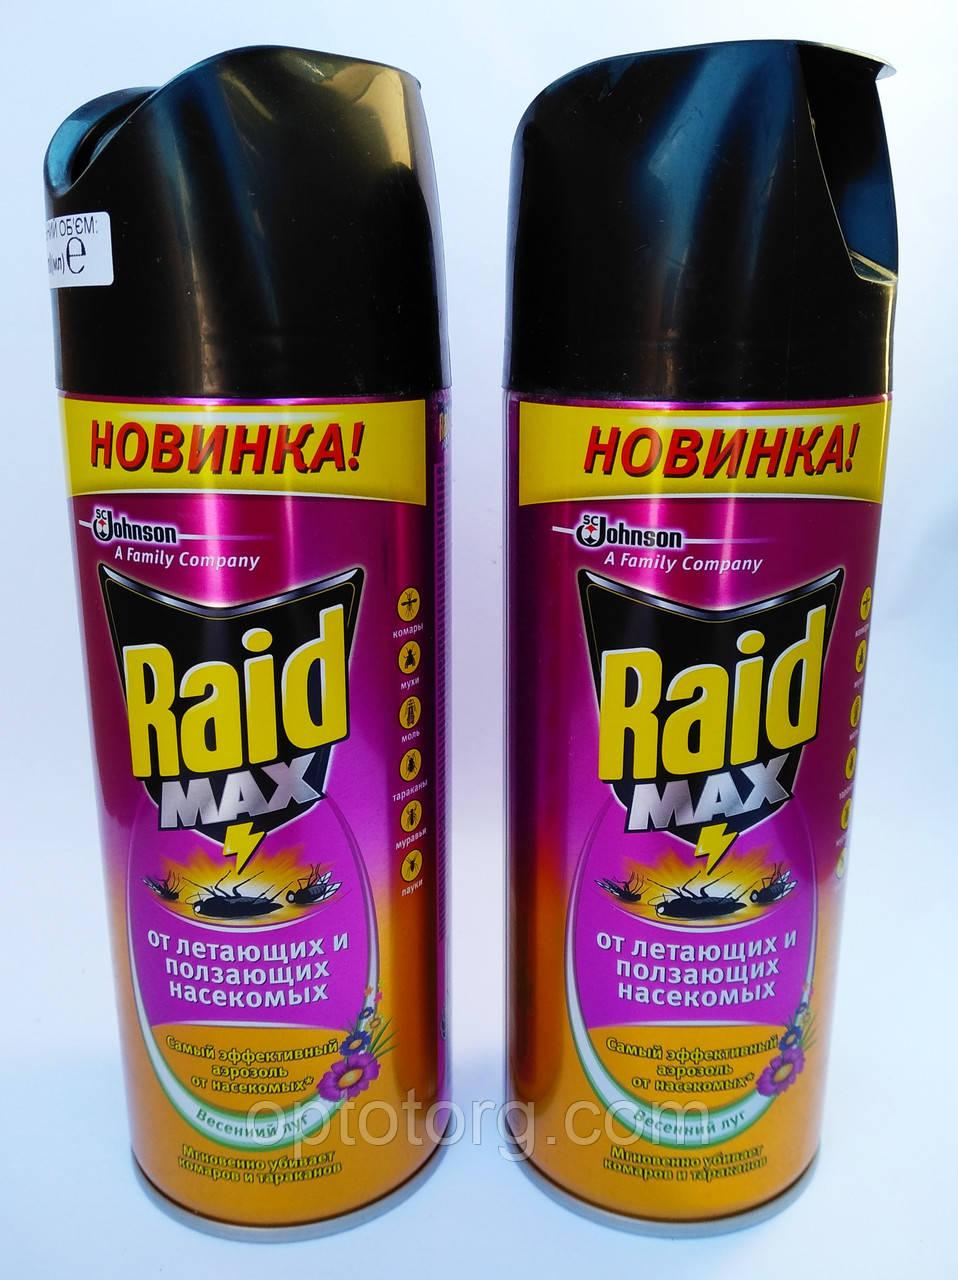 Дихлофос Рейд Макс  Raid Max  300 мл   весенний луг от летающих и ползающих насекомых 300 мл